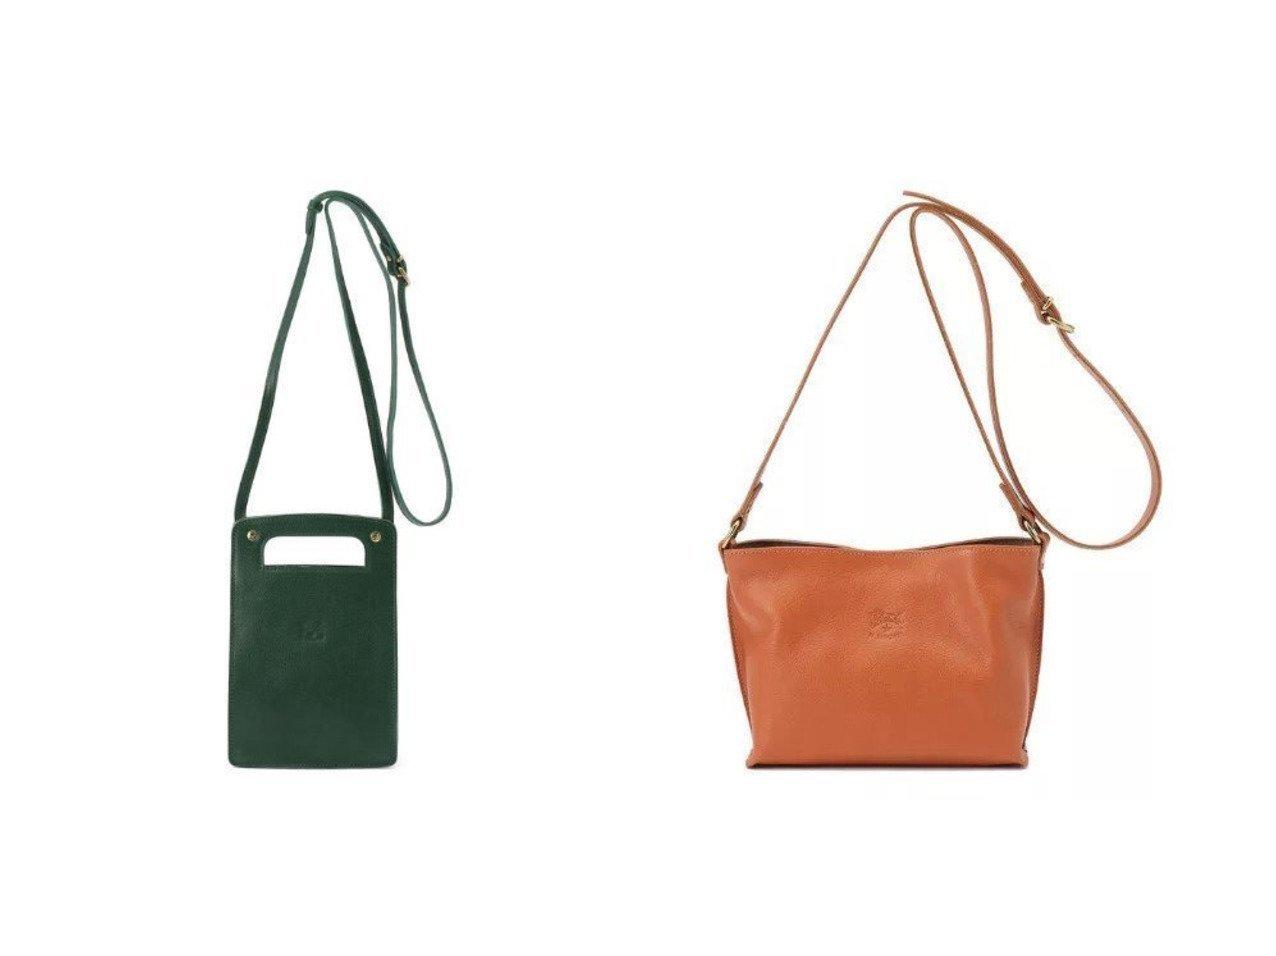 【IL BISONTE/イル ビゾンテ】のクロスボディバッグ&クロスボディバッグ 【バッグ・鞄】おすすめ!人気、トレンド・レディースファッションの通販 おすすめで人気の流行・トレンド、ファッションの通販商品 インテリア・家具・メンズファッション・キッズファッション・レディースファッション・服の通販 founy(ファニー) https://founy.com/ ファッション Fashion レディースファッション WOMEN バッグ Bag ハンドバッグ メタル シンプル スマート 財布  ID:crp329100000065094